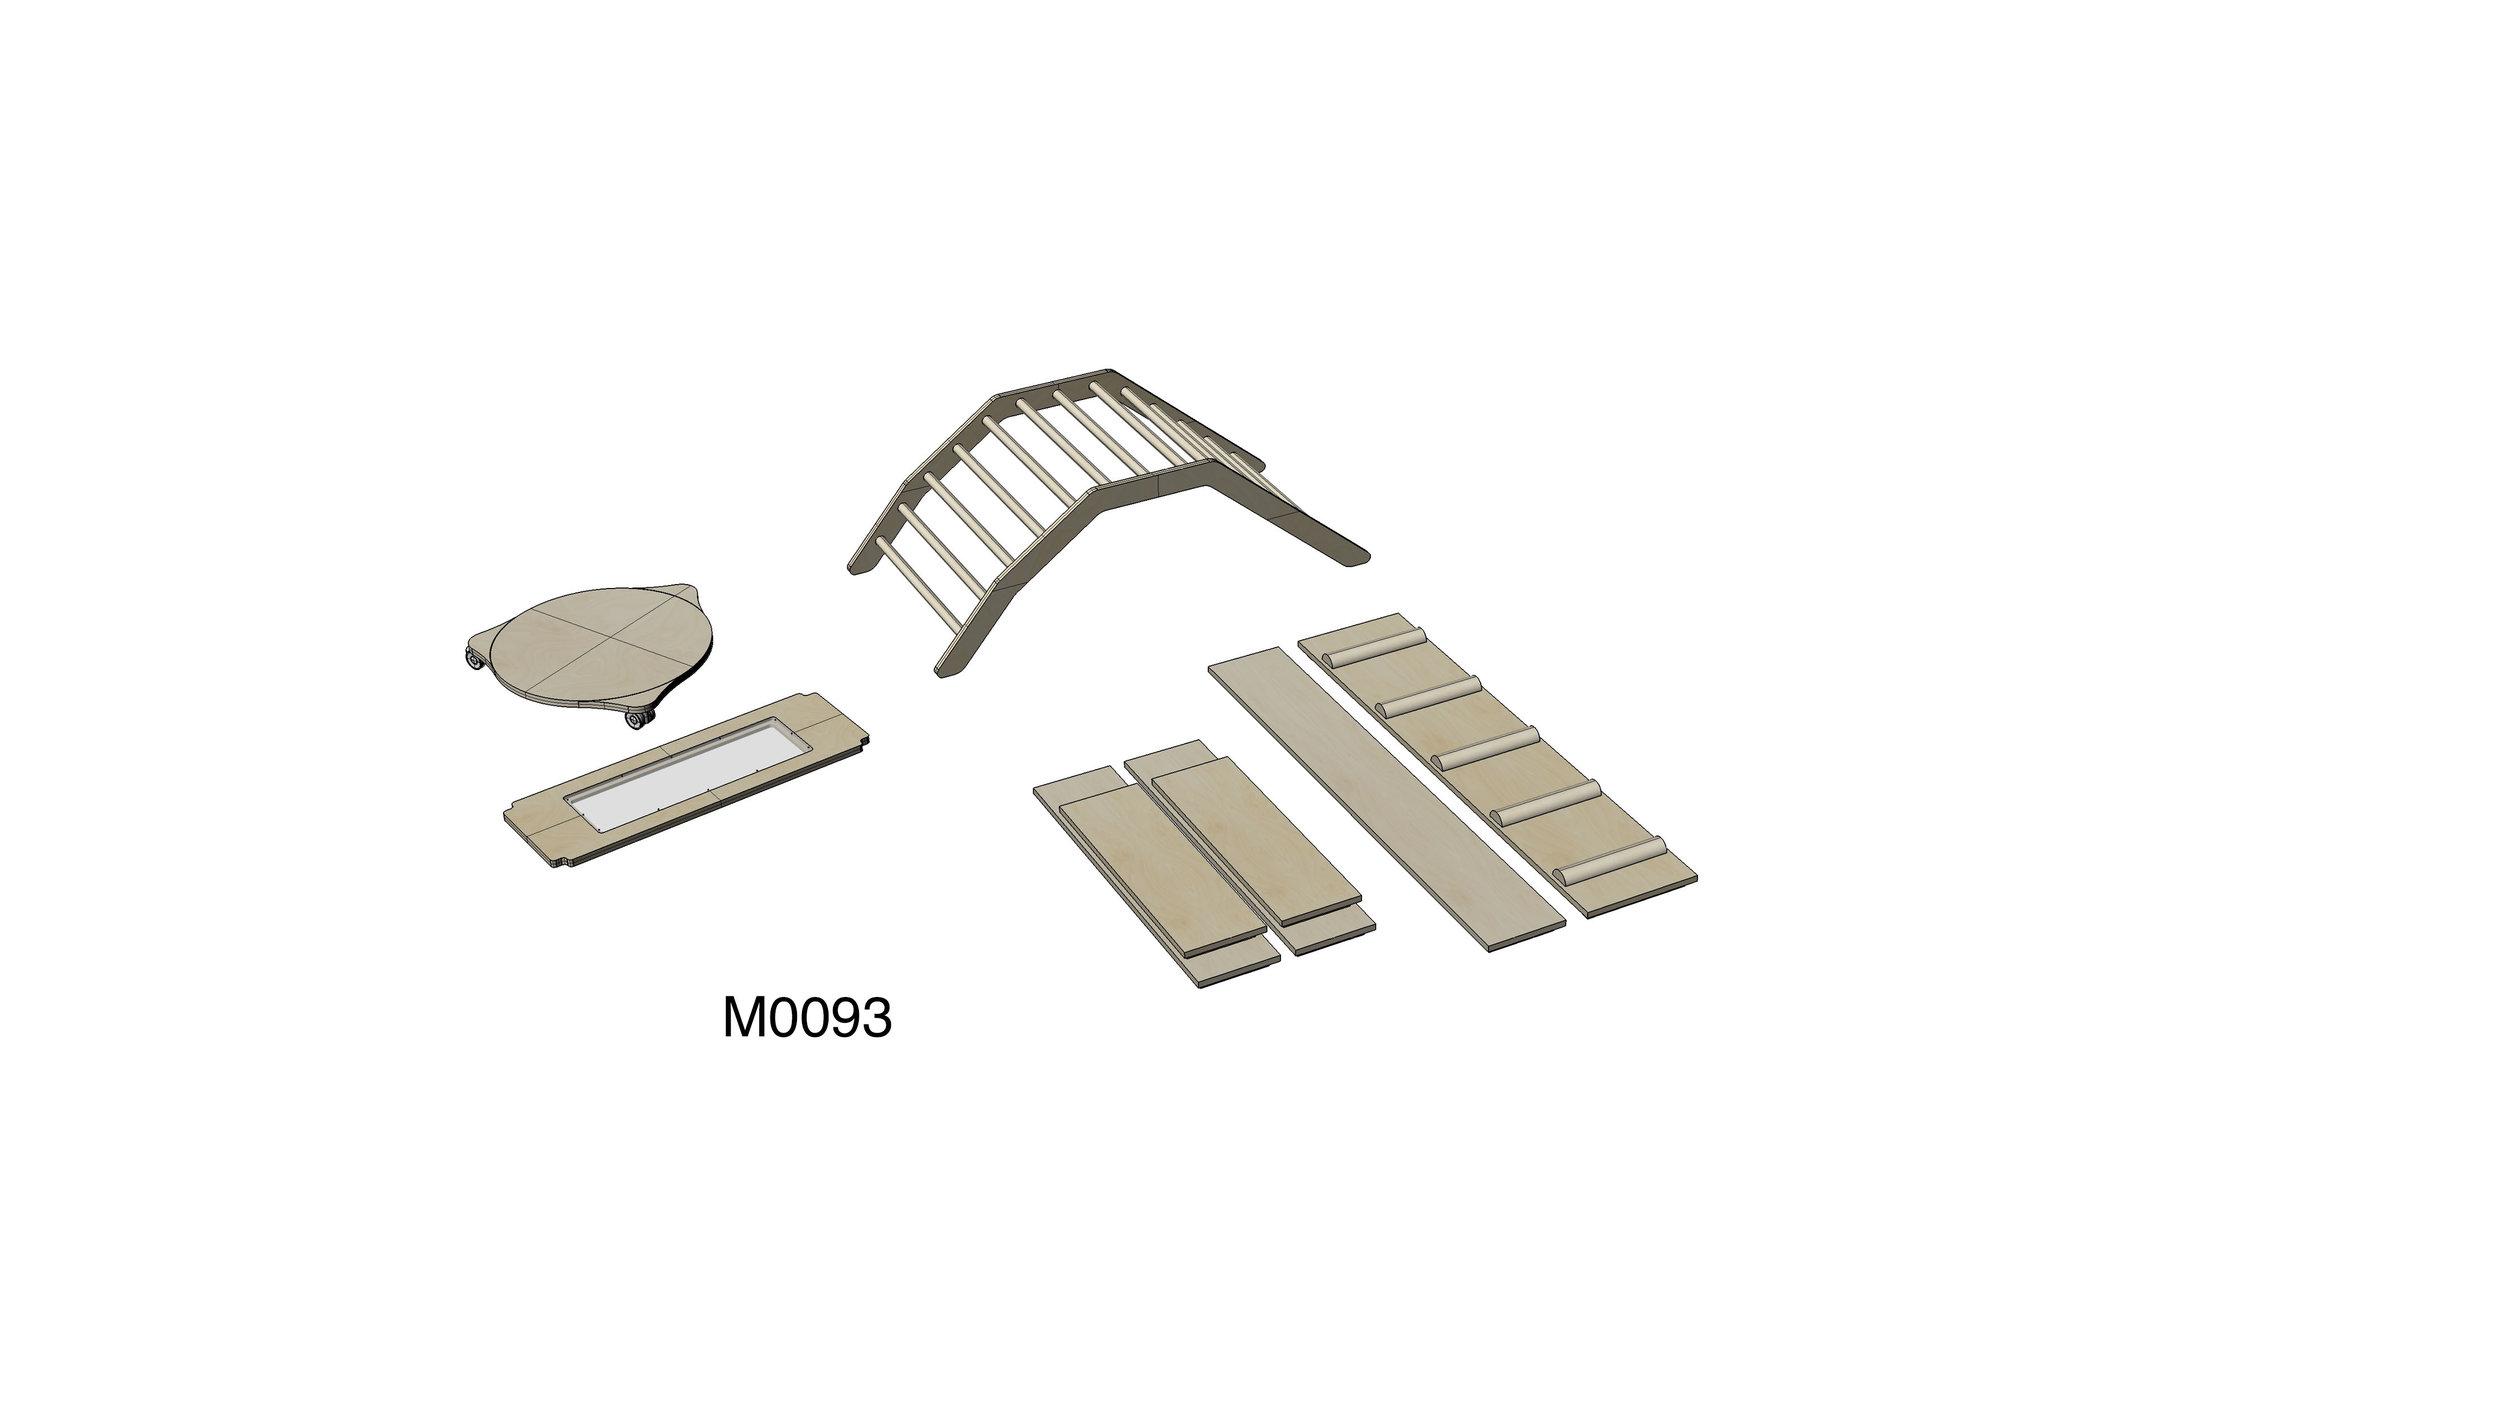 M0093 (Web) Bewegungsbaustelle Krippe-Bewegungsbaustelle U3-Krippe-Kita.jpg